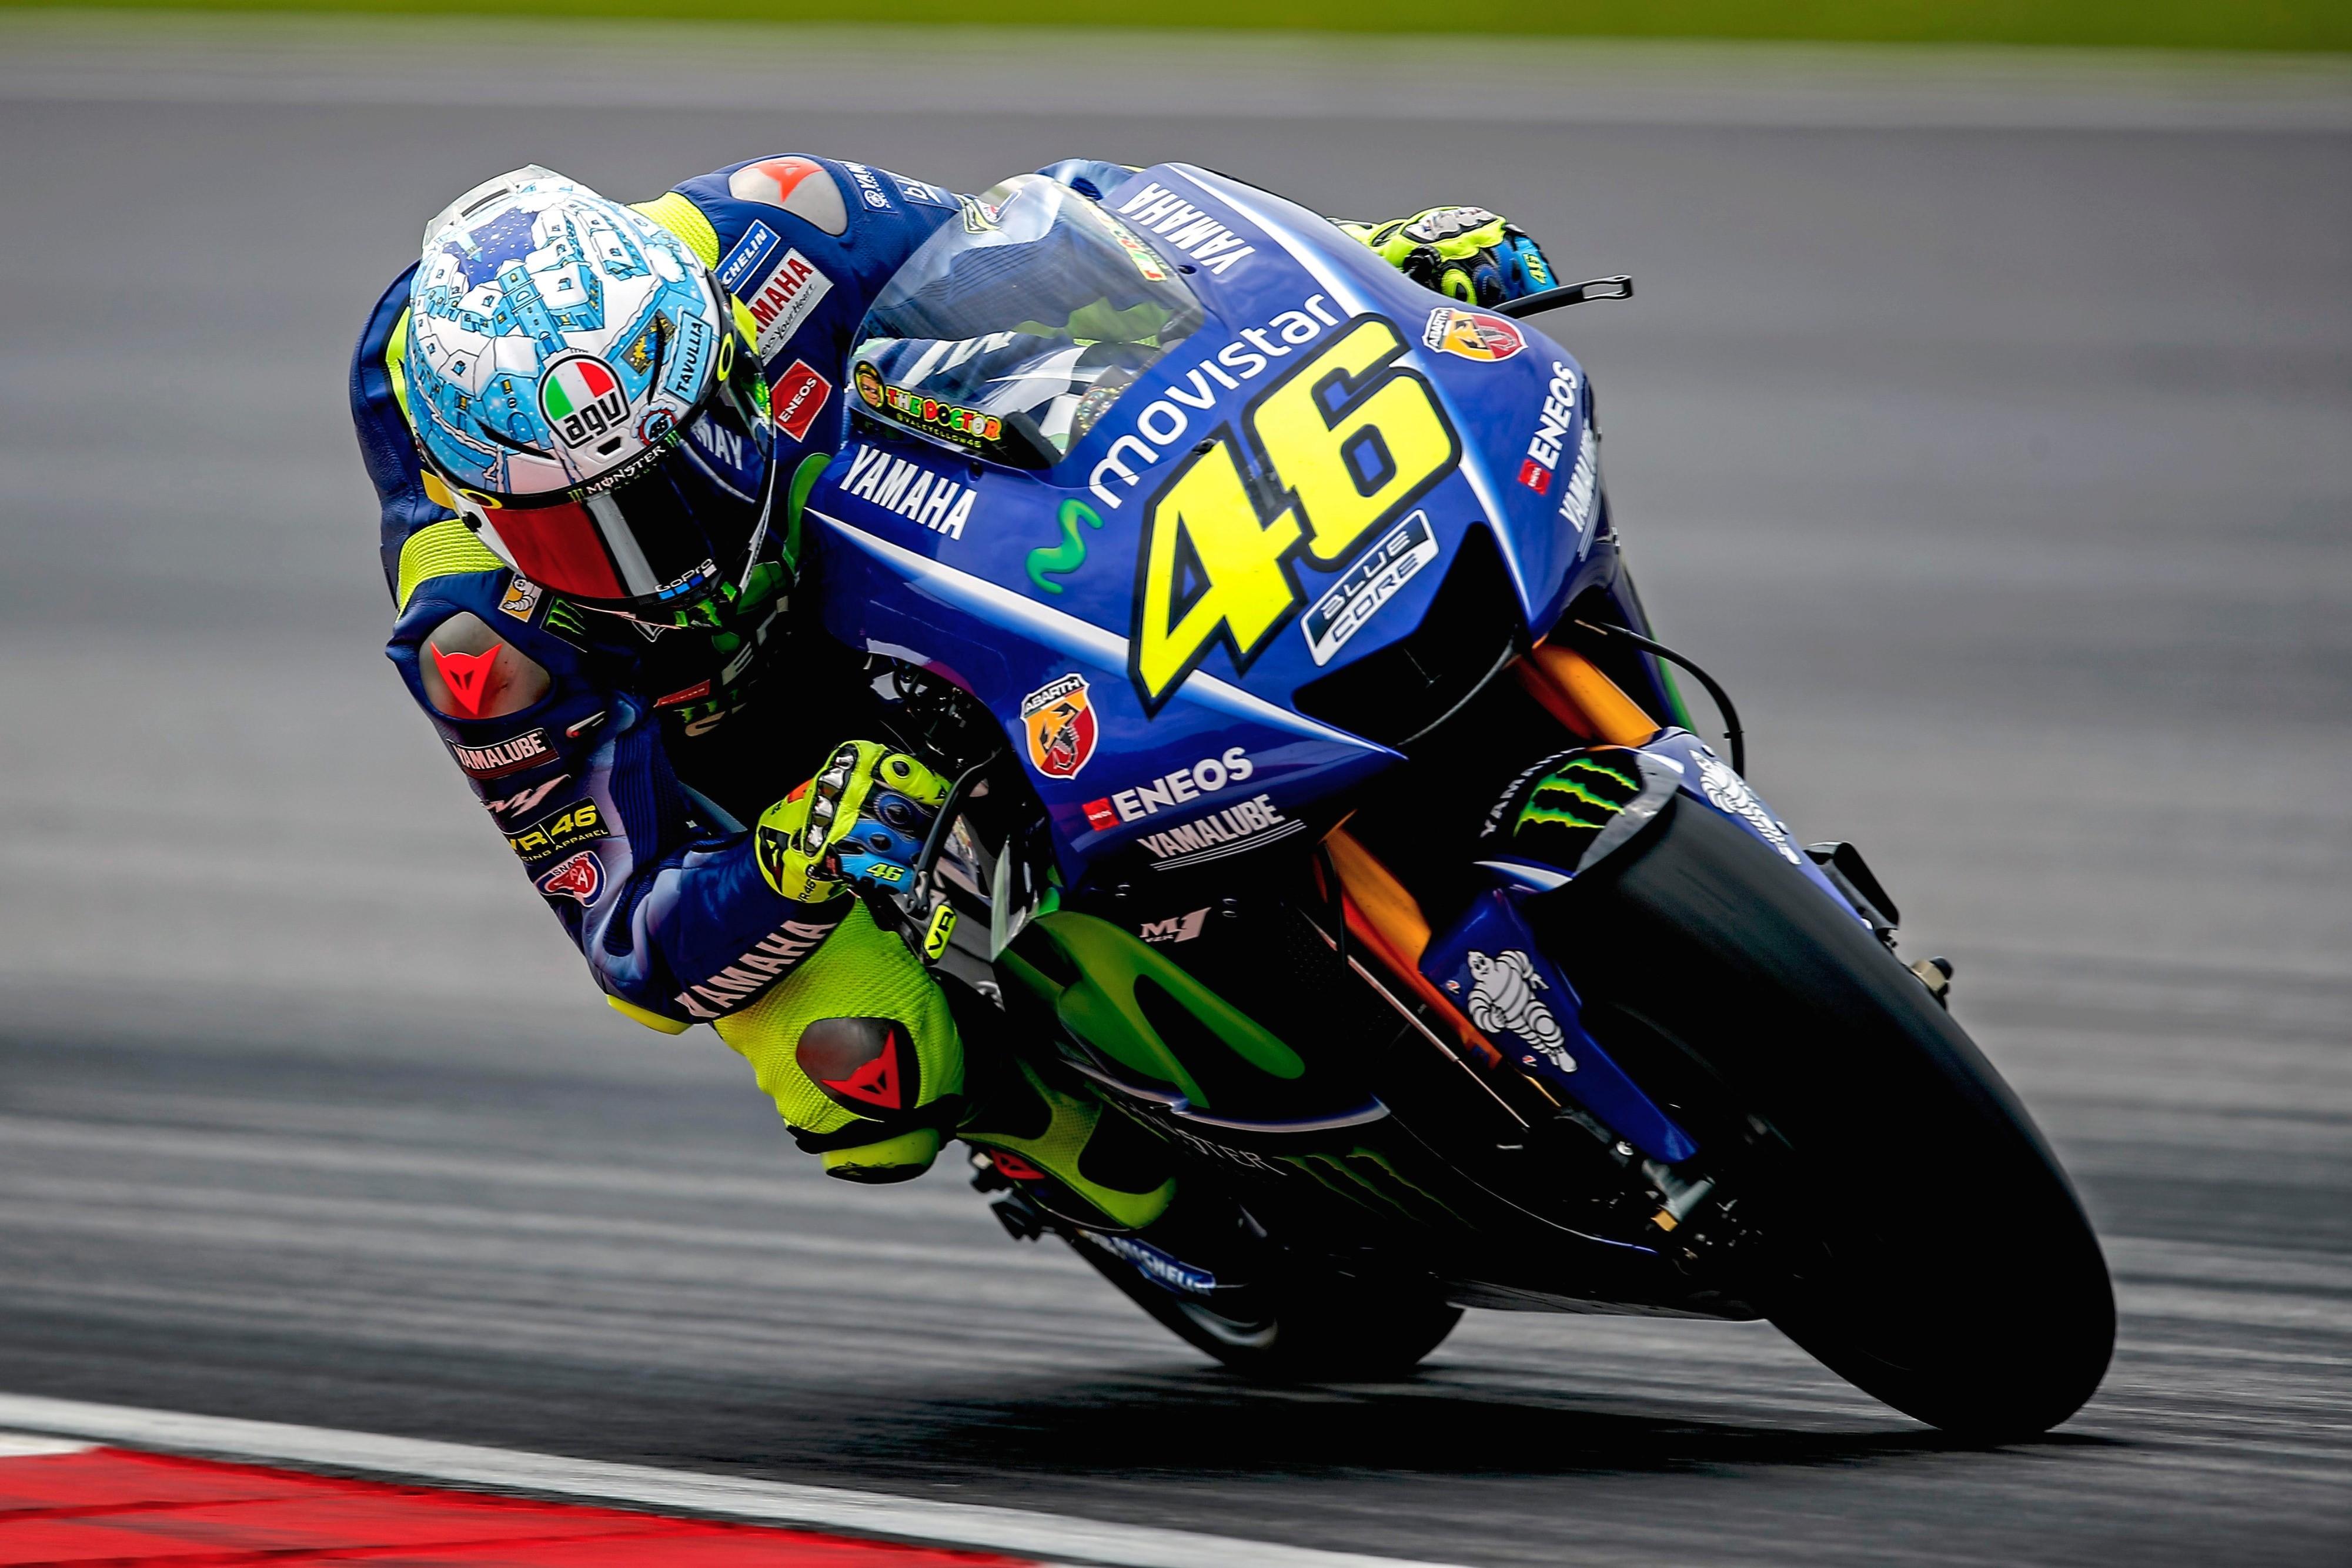 Les pilotes attendent beaucoup des pneus, notamment Valentino Rossi (Yamaha) - Grand Prix d ...